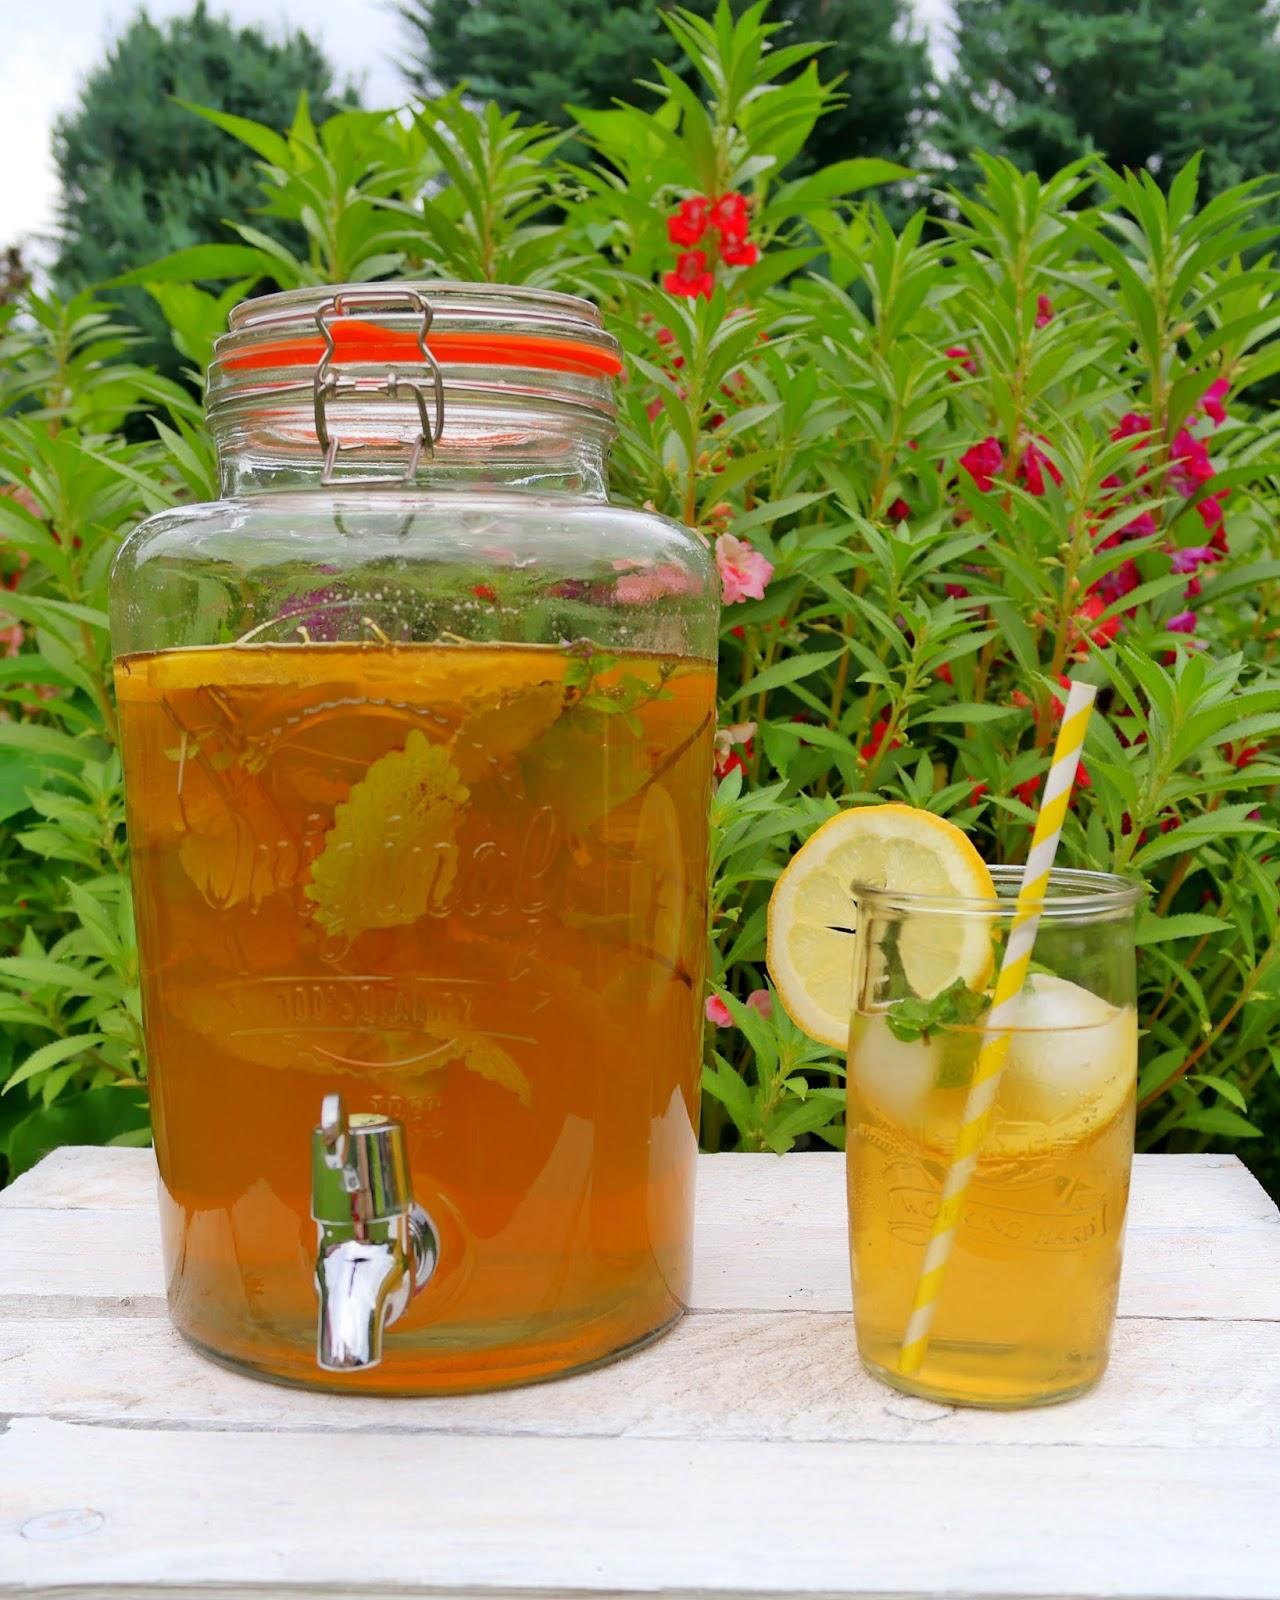 Gotowa mrożona herbata w szklanym słoju marki Kilner